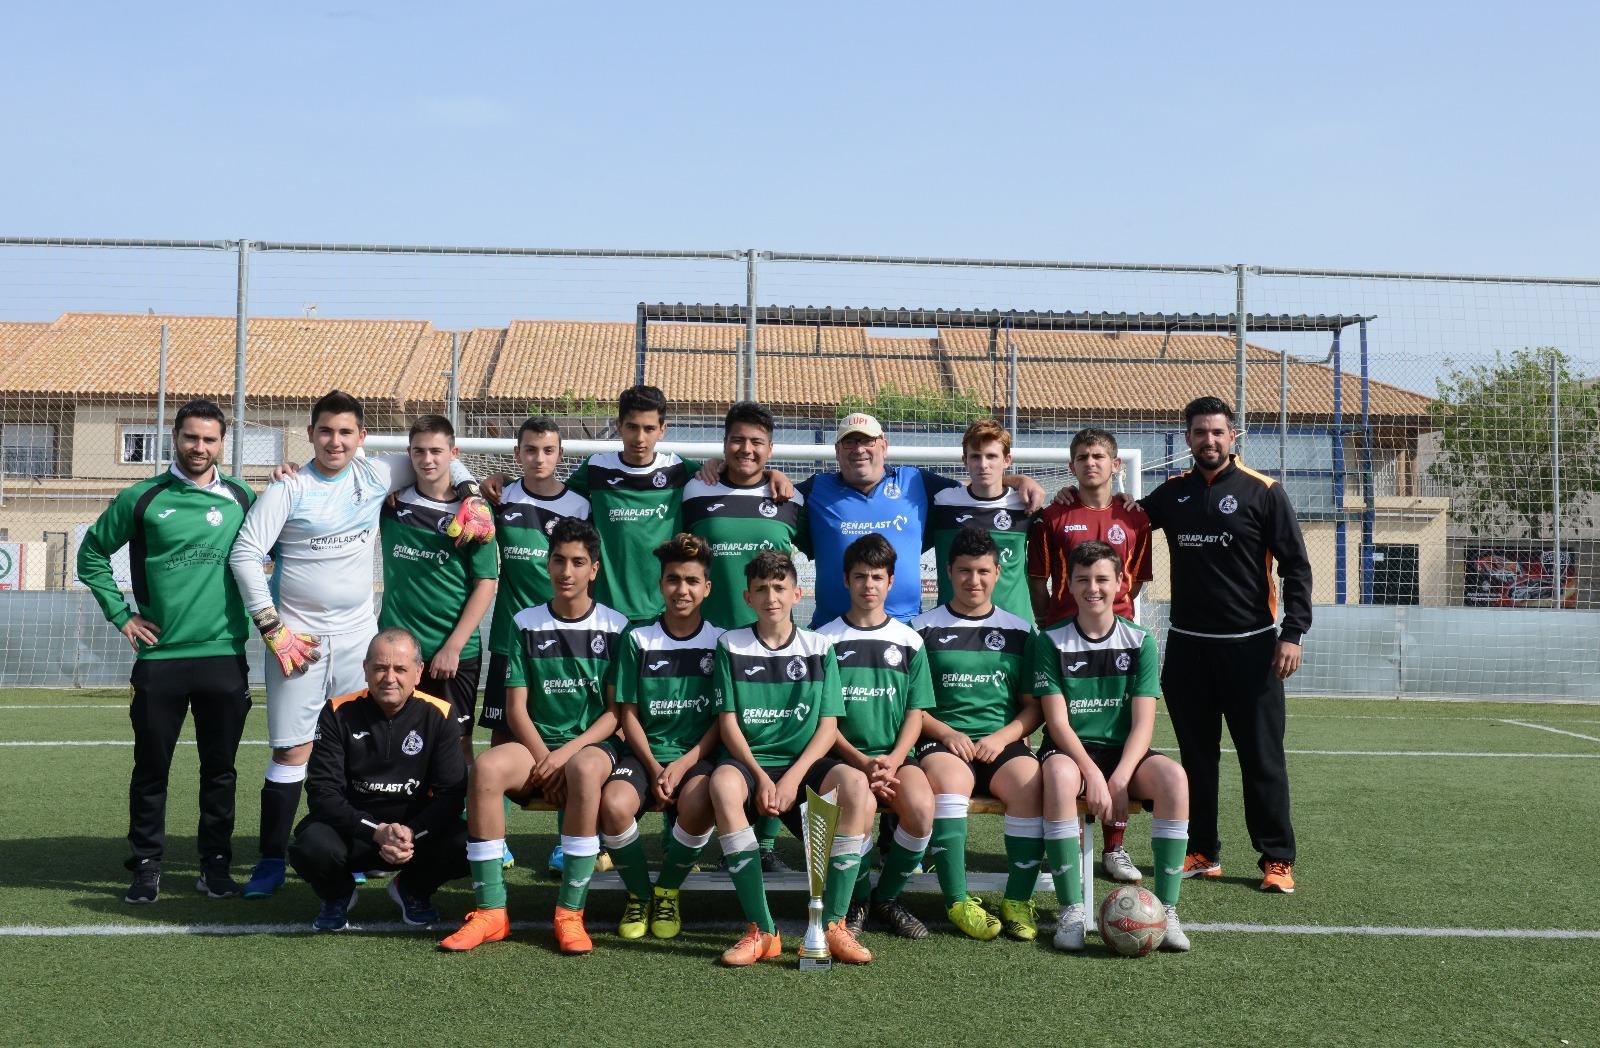 E.F. Balsicas se alza campeón de liga comarcal de fútbol en ... 2b66a8287cc8e